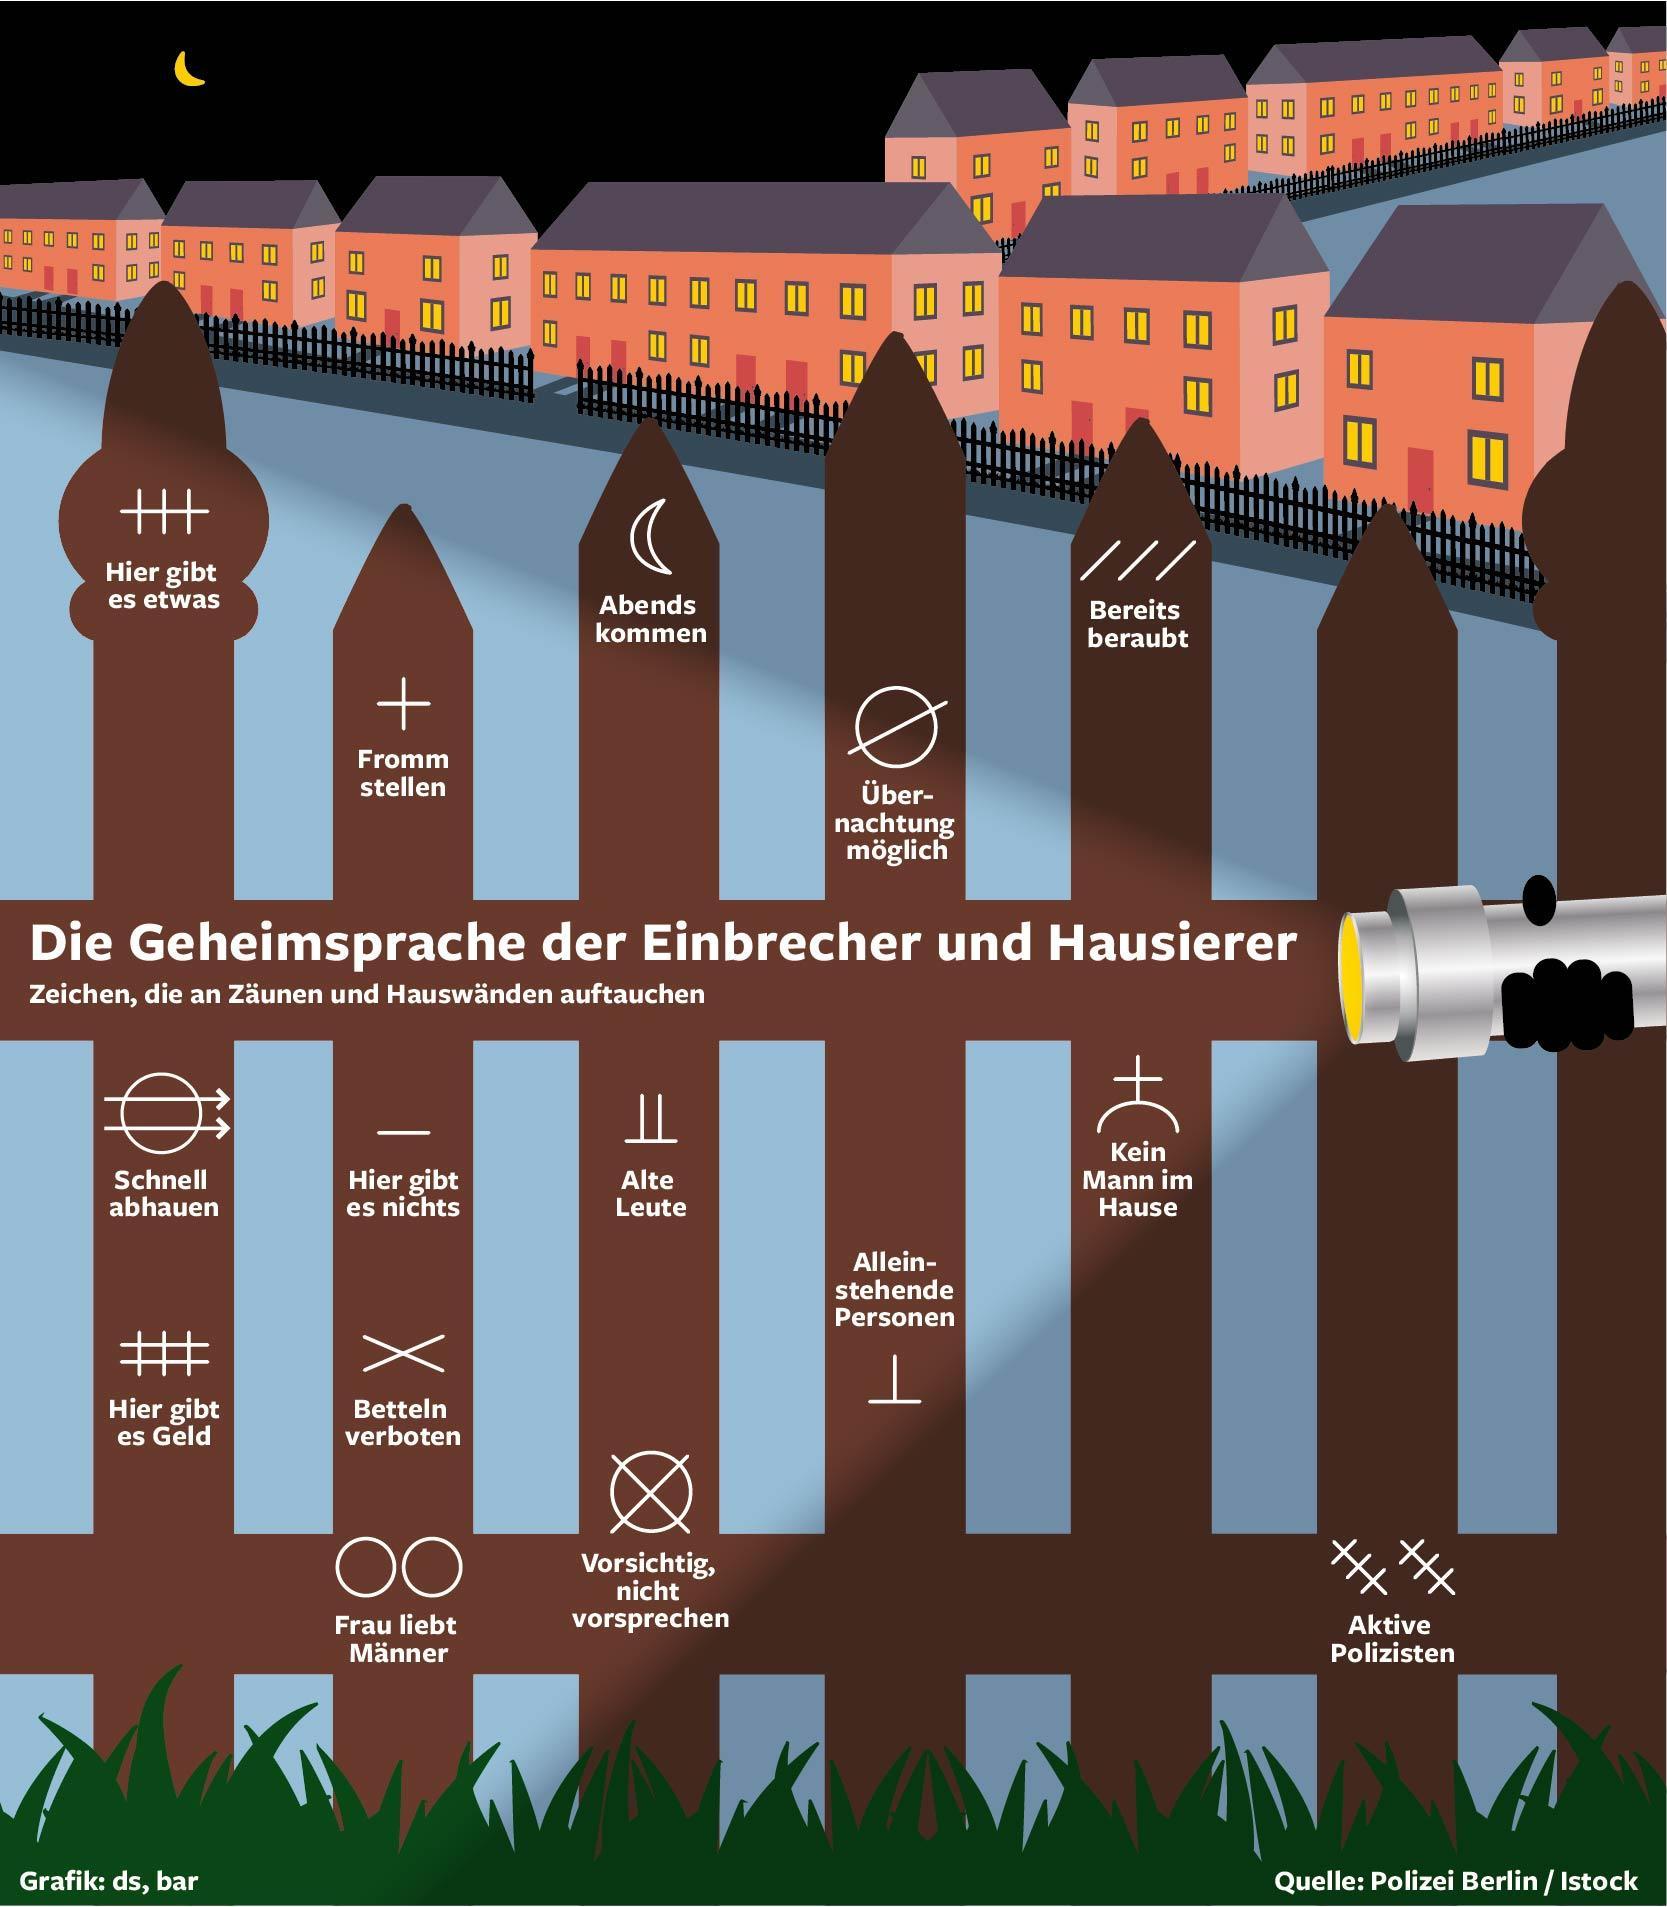 geheime zeichen und neue tricks der kriminellen banden berliner morgenpost